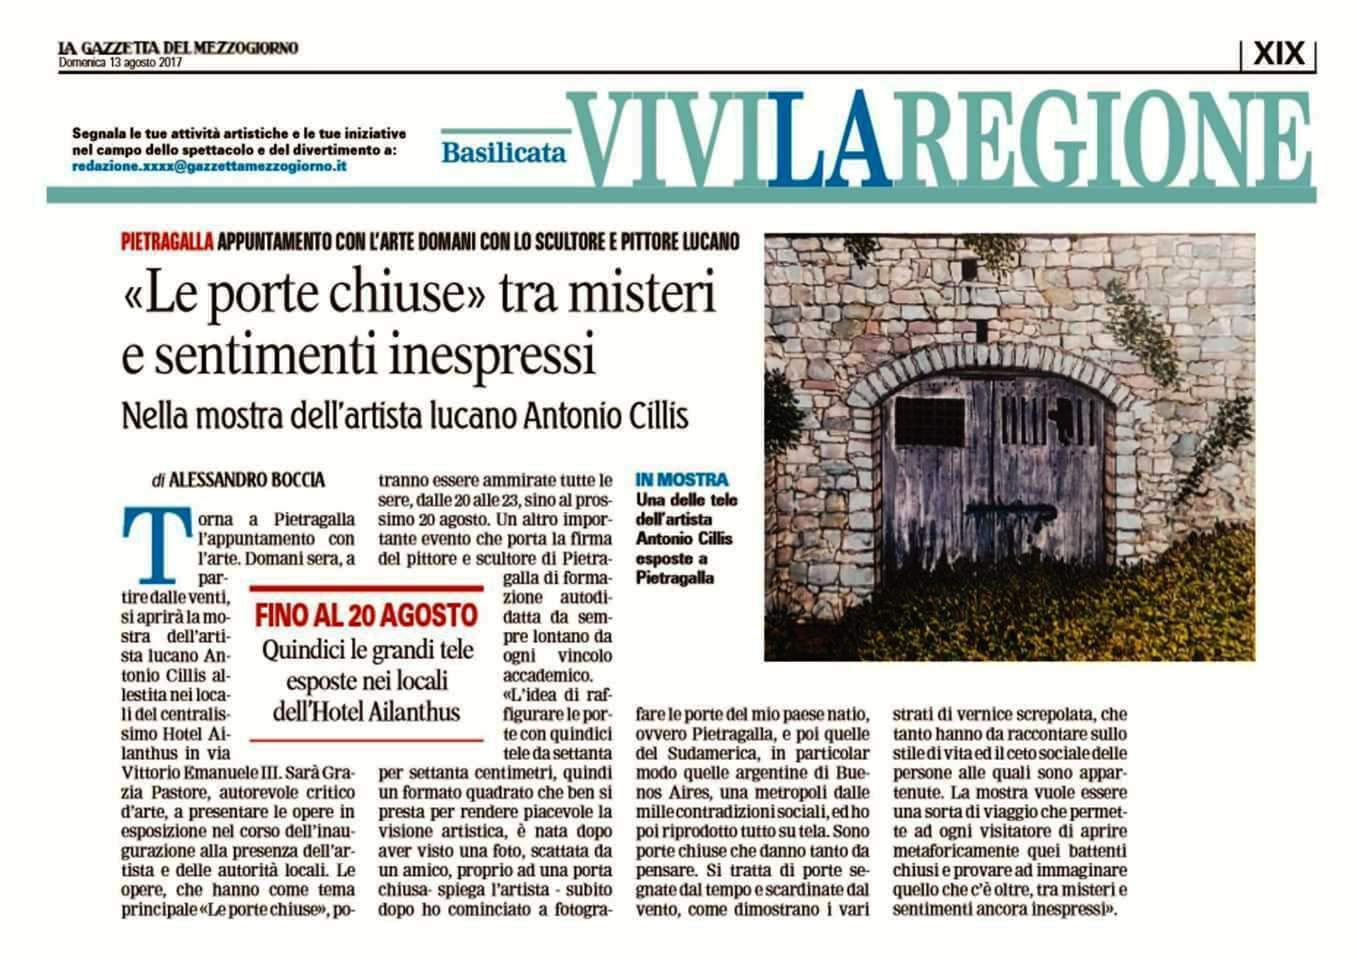 articolo gazzetta mezzogiorno - Copia